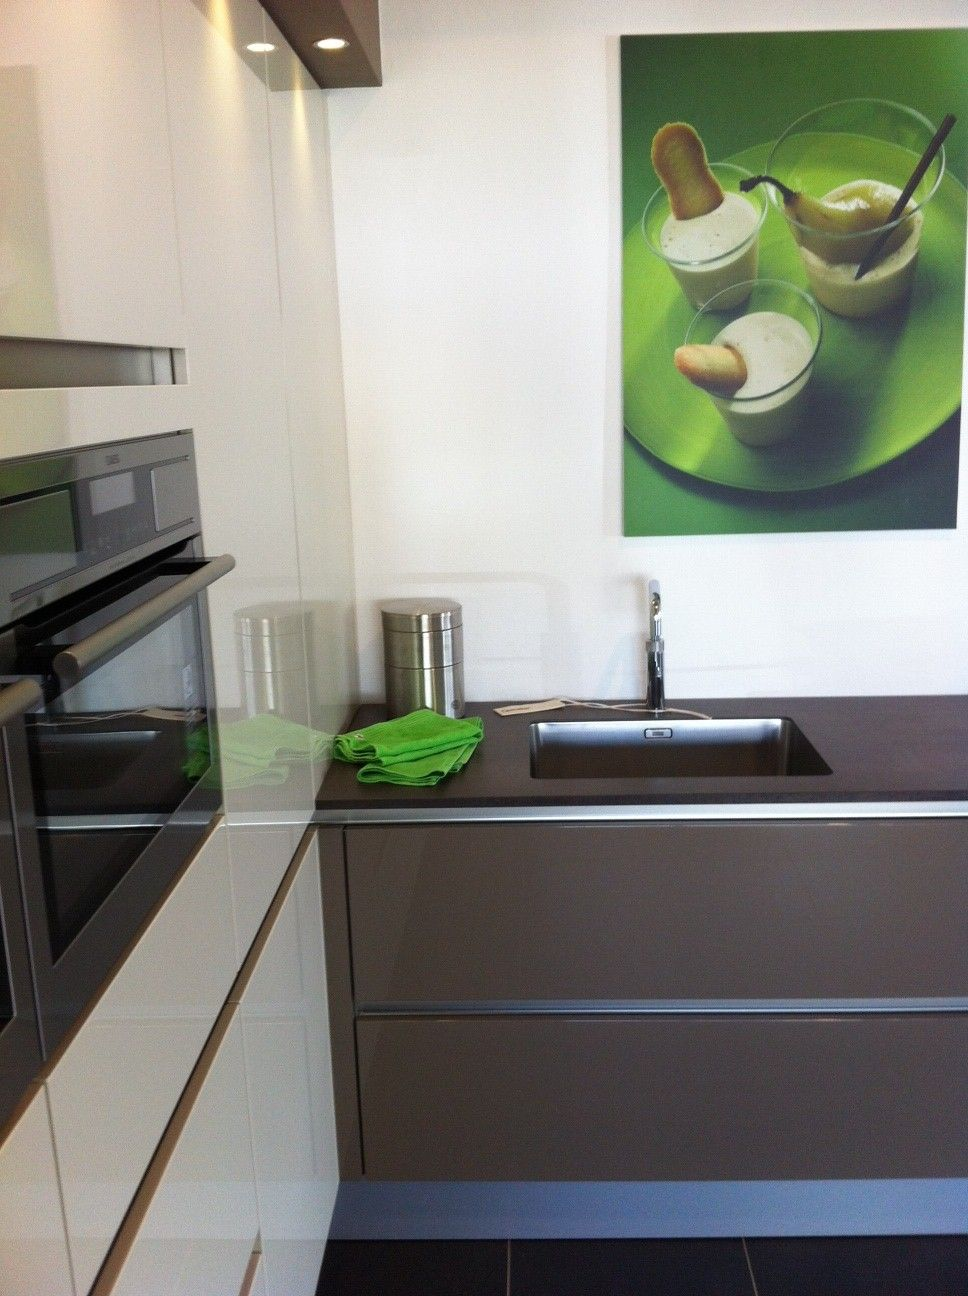 De apparatuur en de opstelling van deze keuken kunnen gewijzigd worden ...